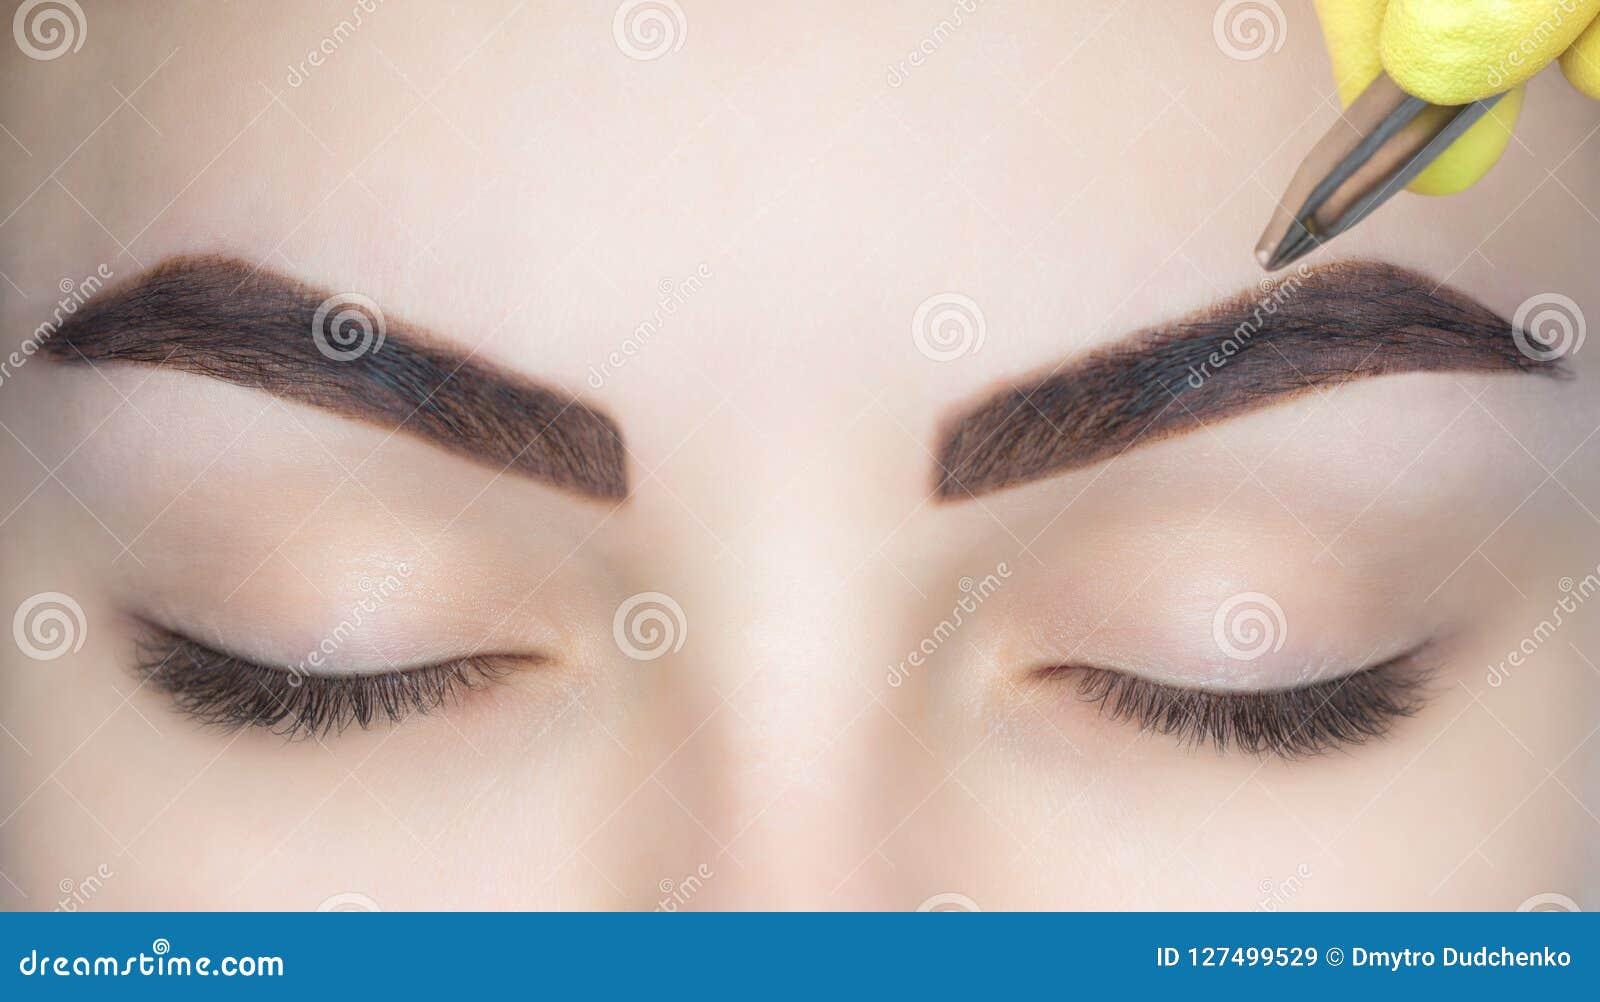 Sminkkonstnären plockar hennes ögonbryn från en ung kvinna i en skönhetsalong